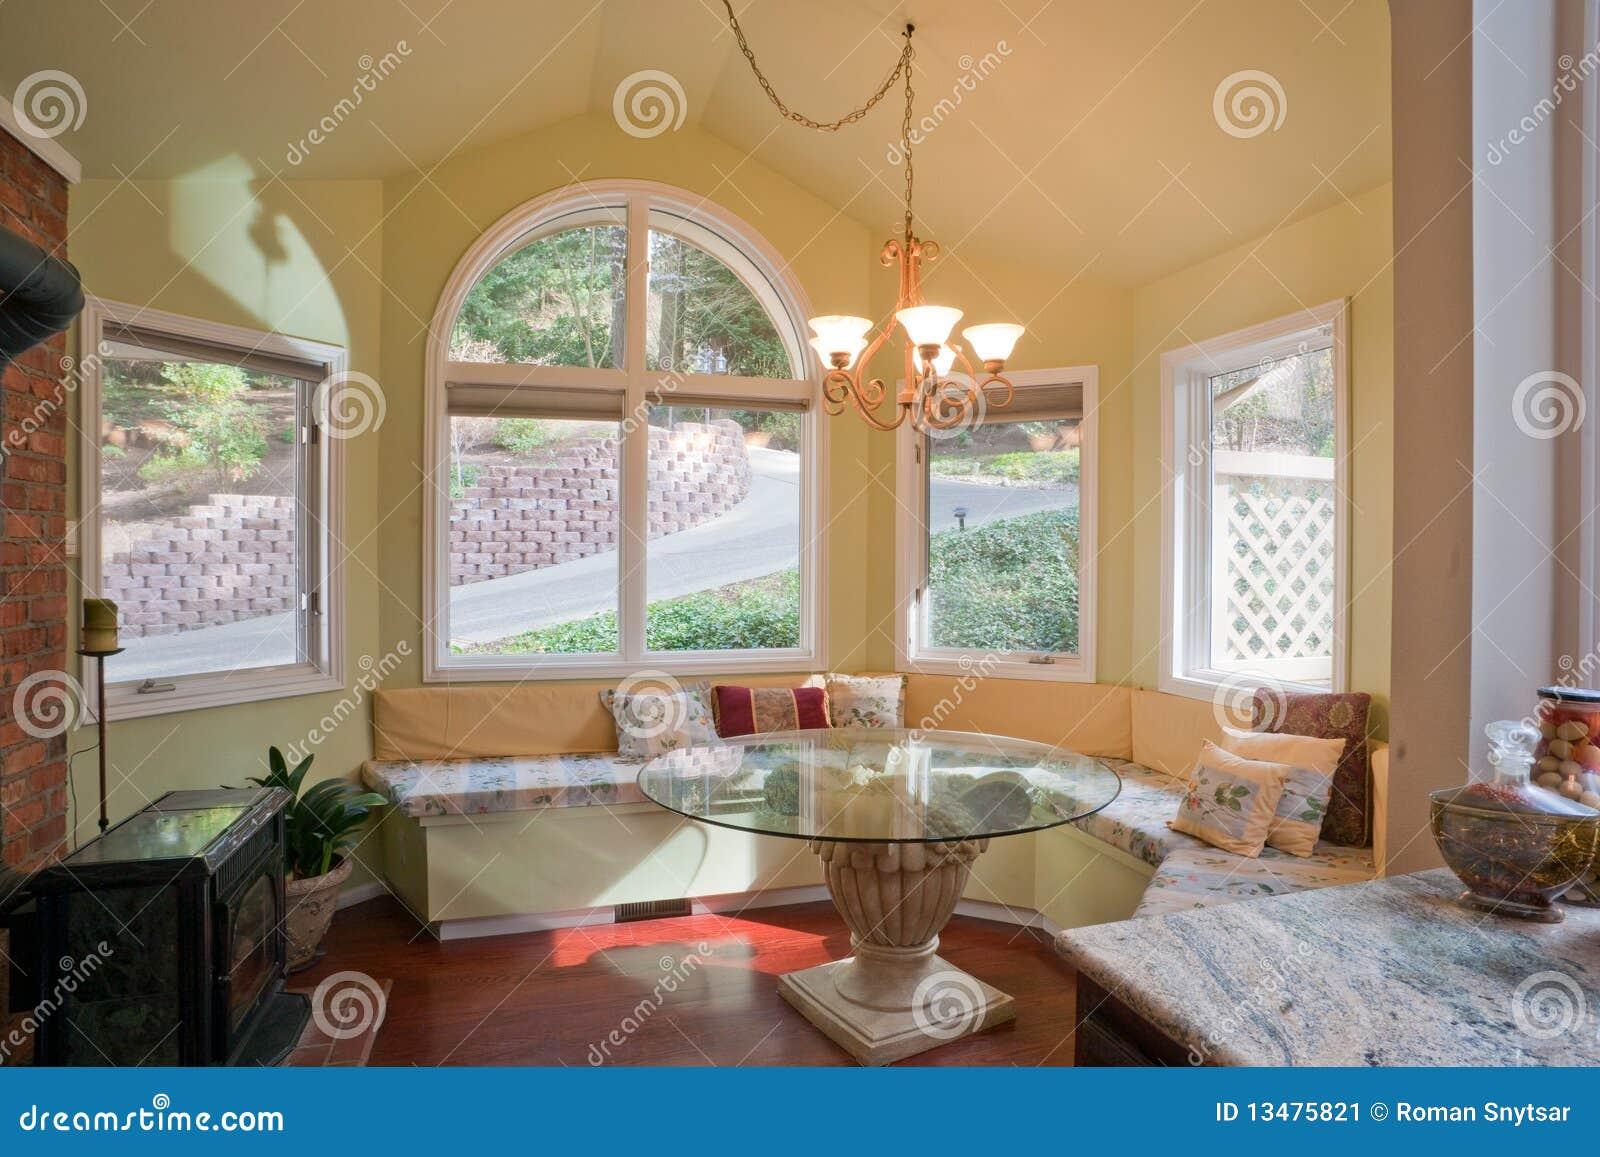 Recoin de luxe de cuisine avec la fen tre en saillie image for Fenetre en saillie